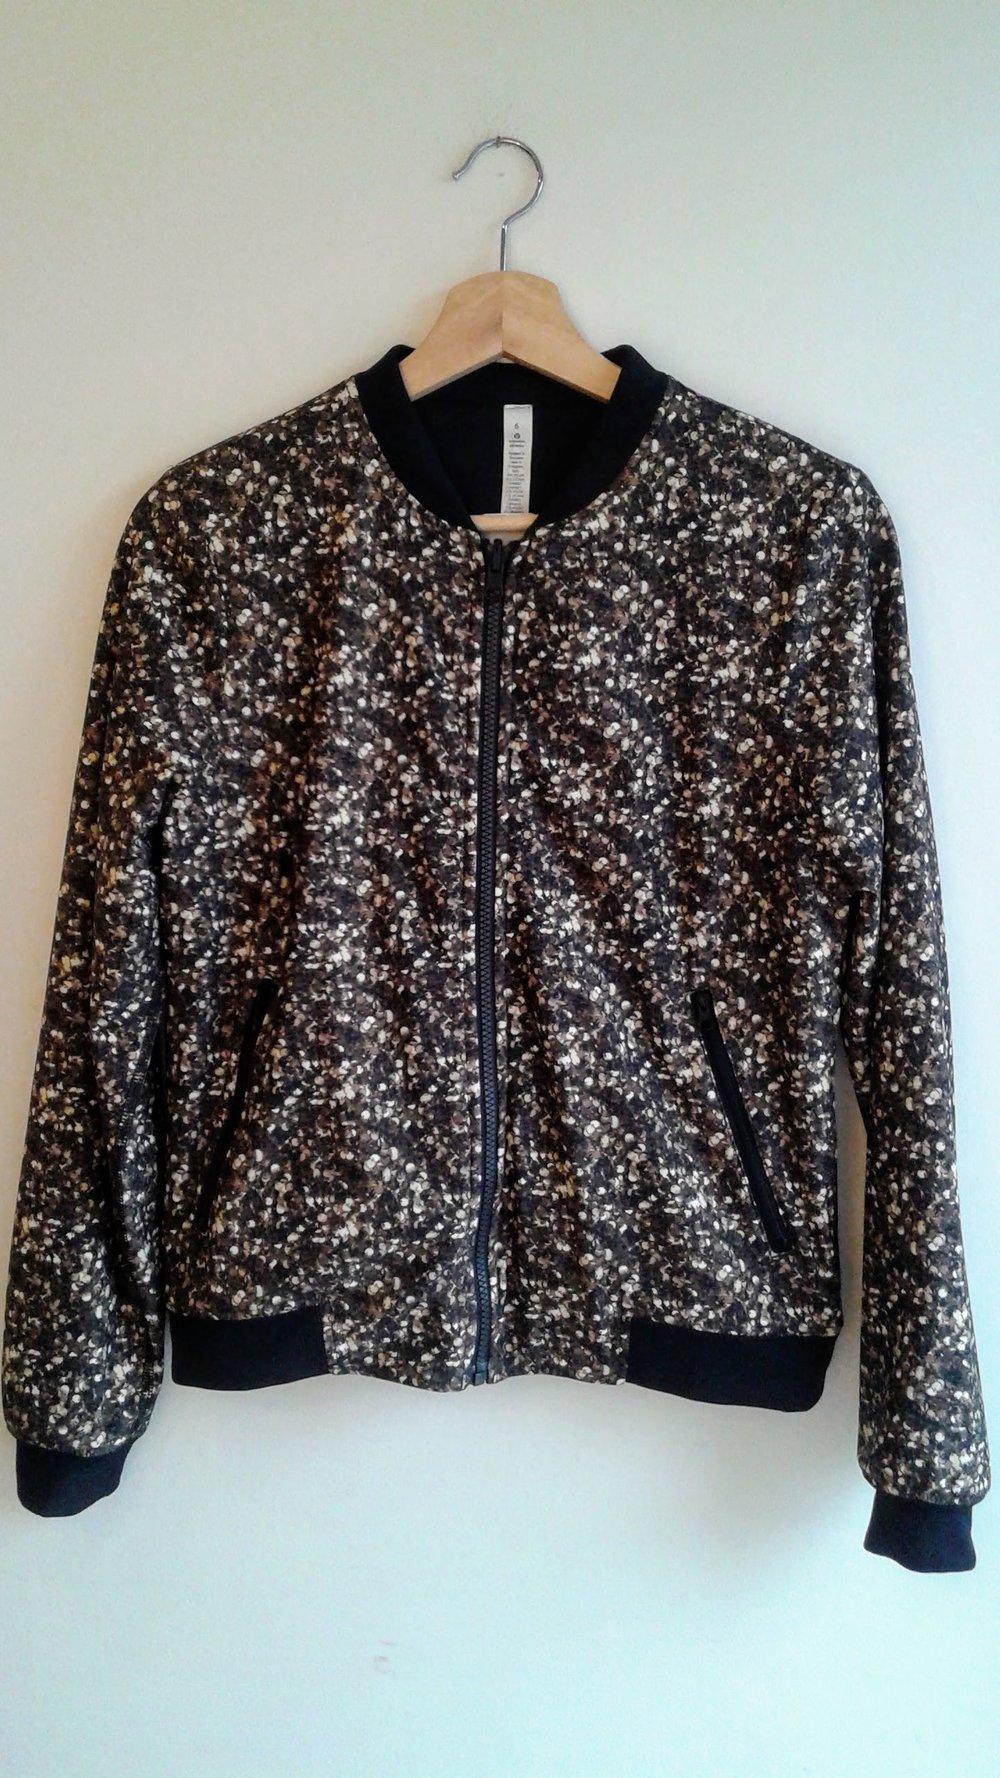 Lululemon jacket; Size 6, $48